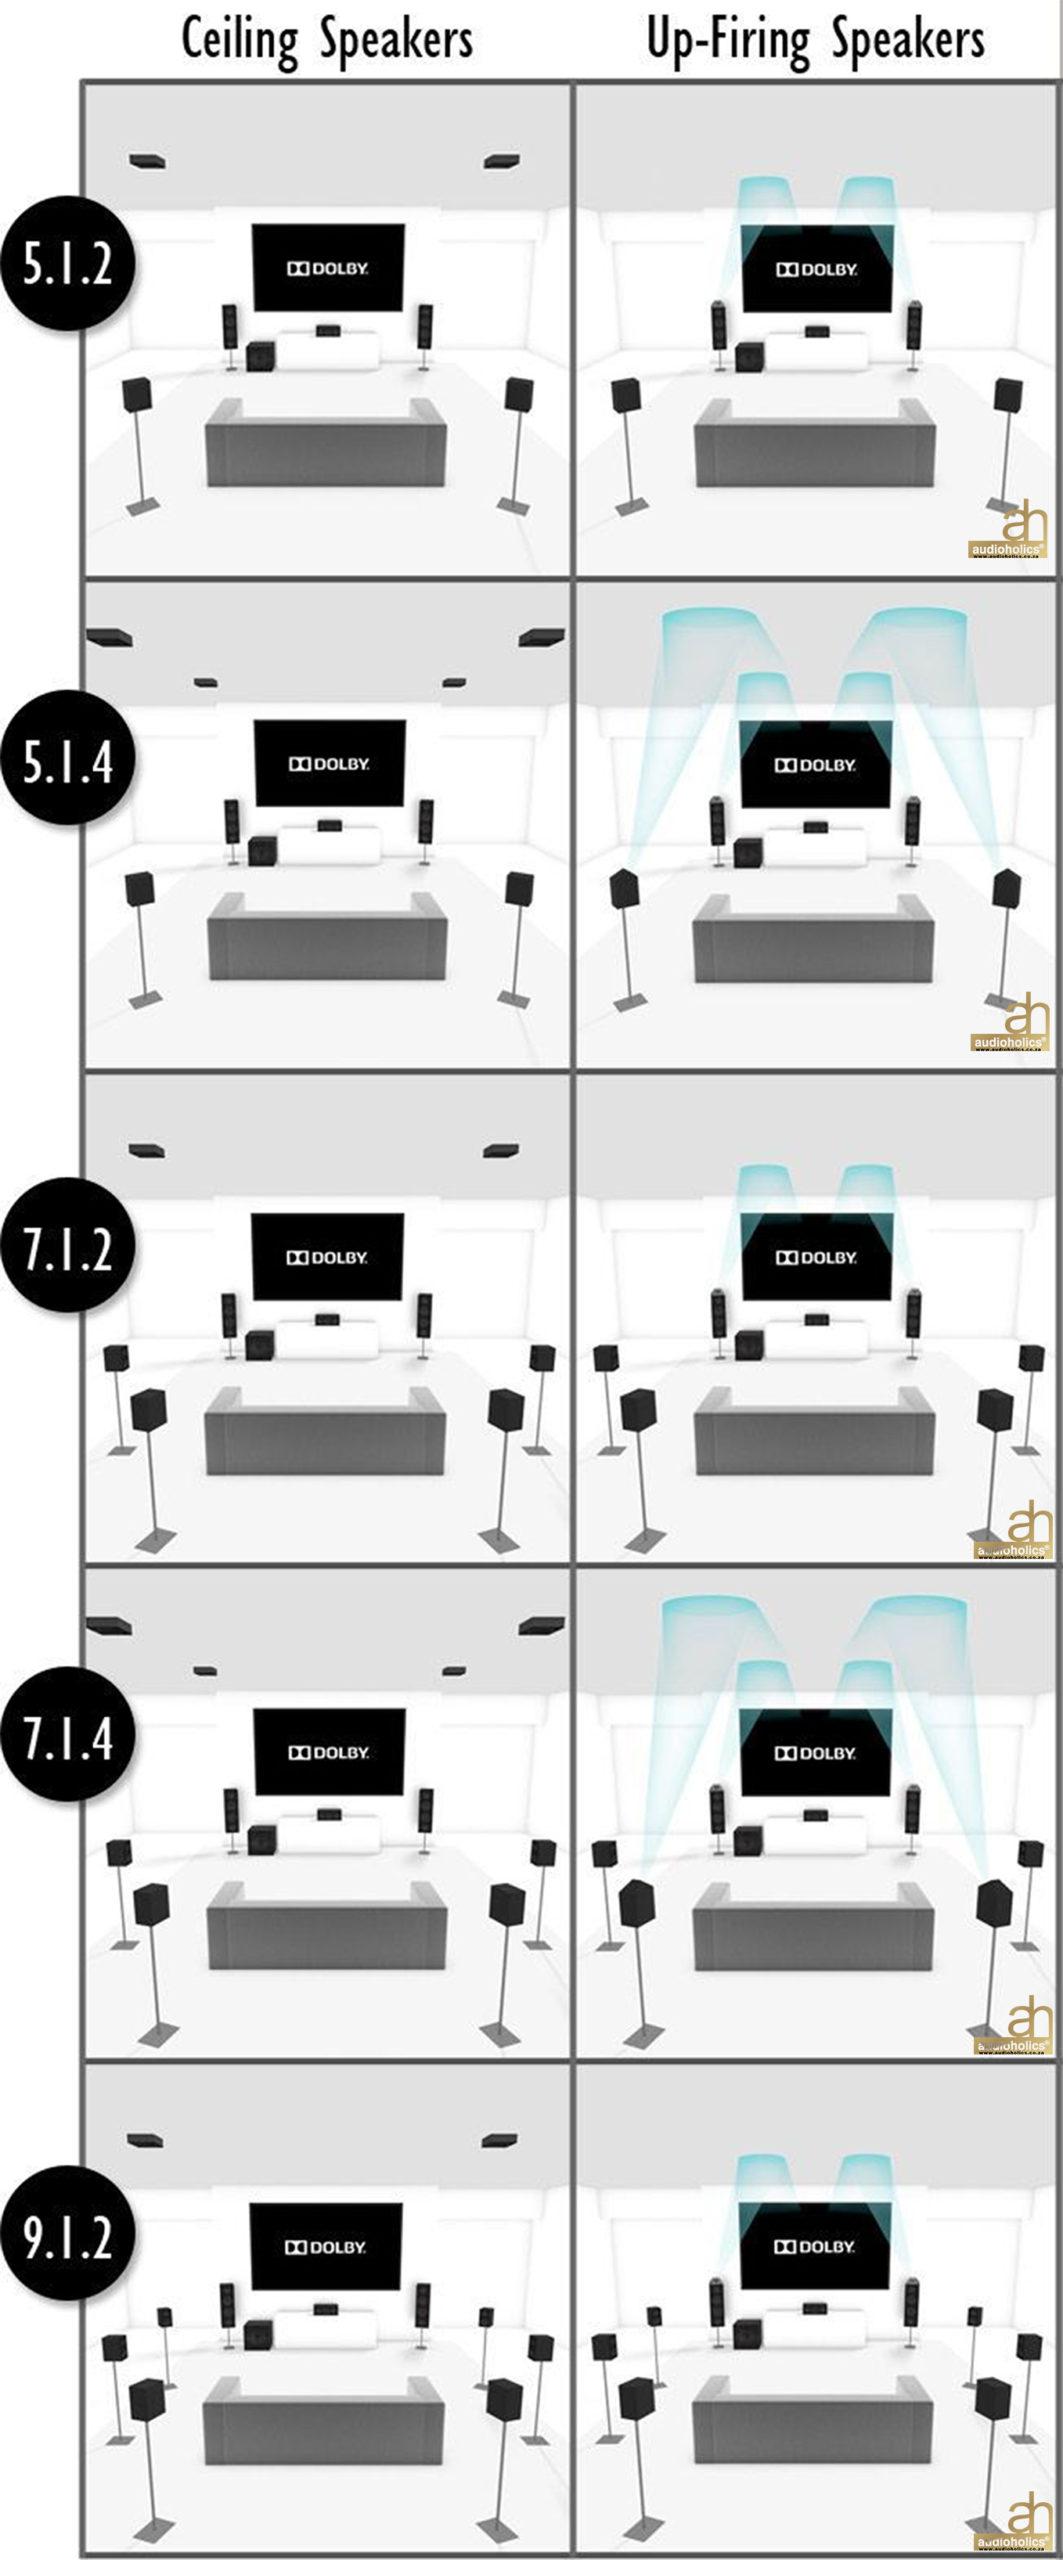 dolbyatmos speaker configurations 150dpi